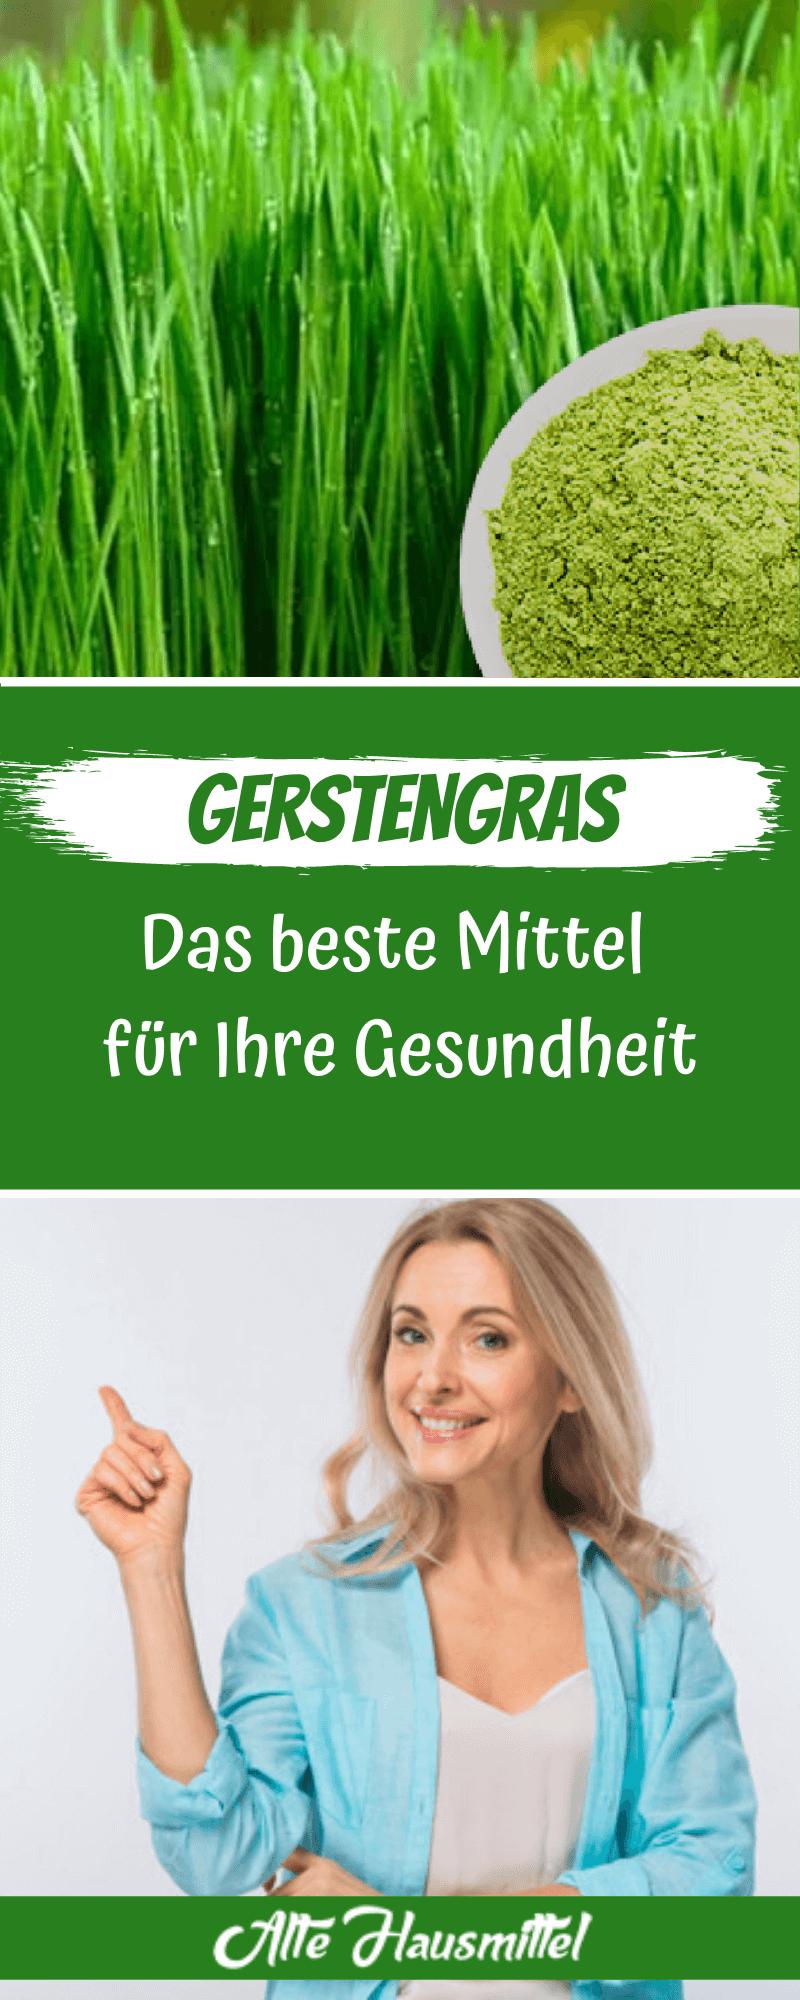 Gerstengras - Das beste Mittel für Ihre Gesundheit